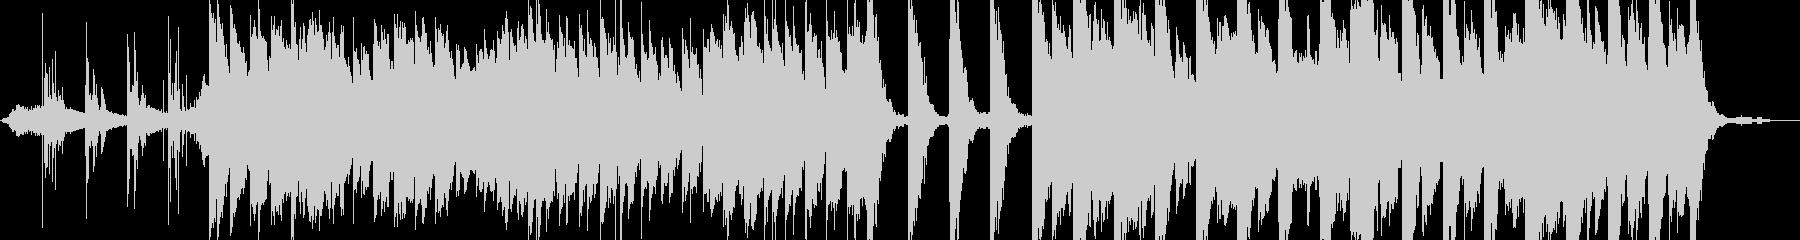 現代的 交響曲 エレクトロ ドラム...の未再生の波形